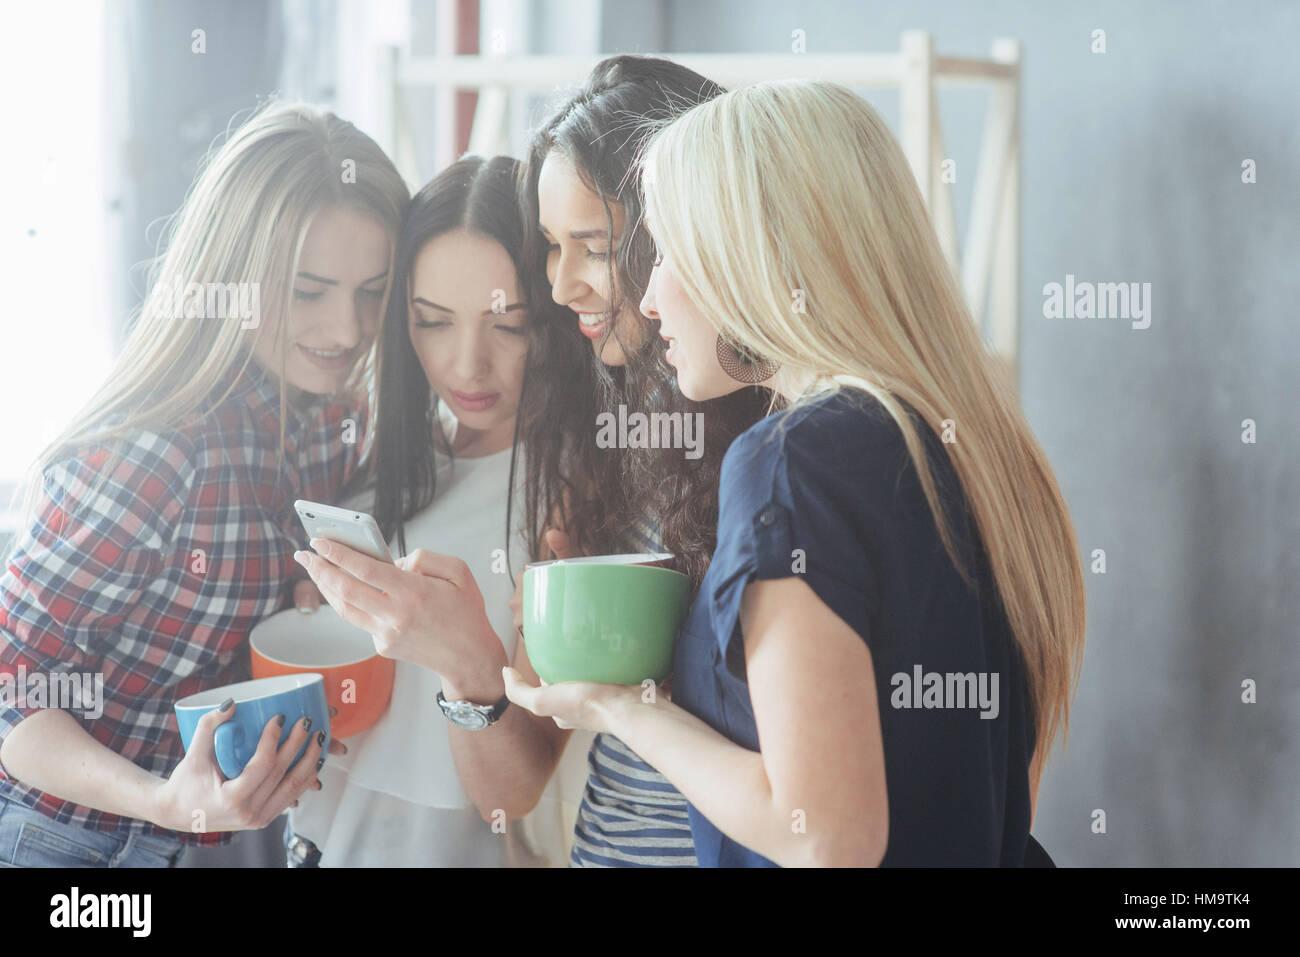 Gruppo giovane e bella gente godendo di conversazione e di bere caffè, migliori amici ragazze insieme divertendosi, Immagini Stock